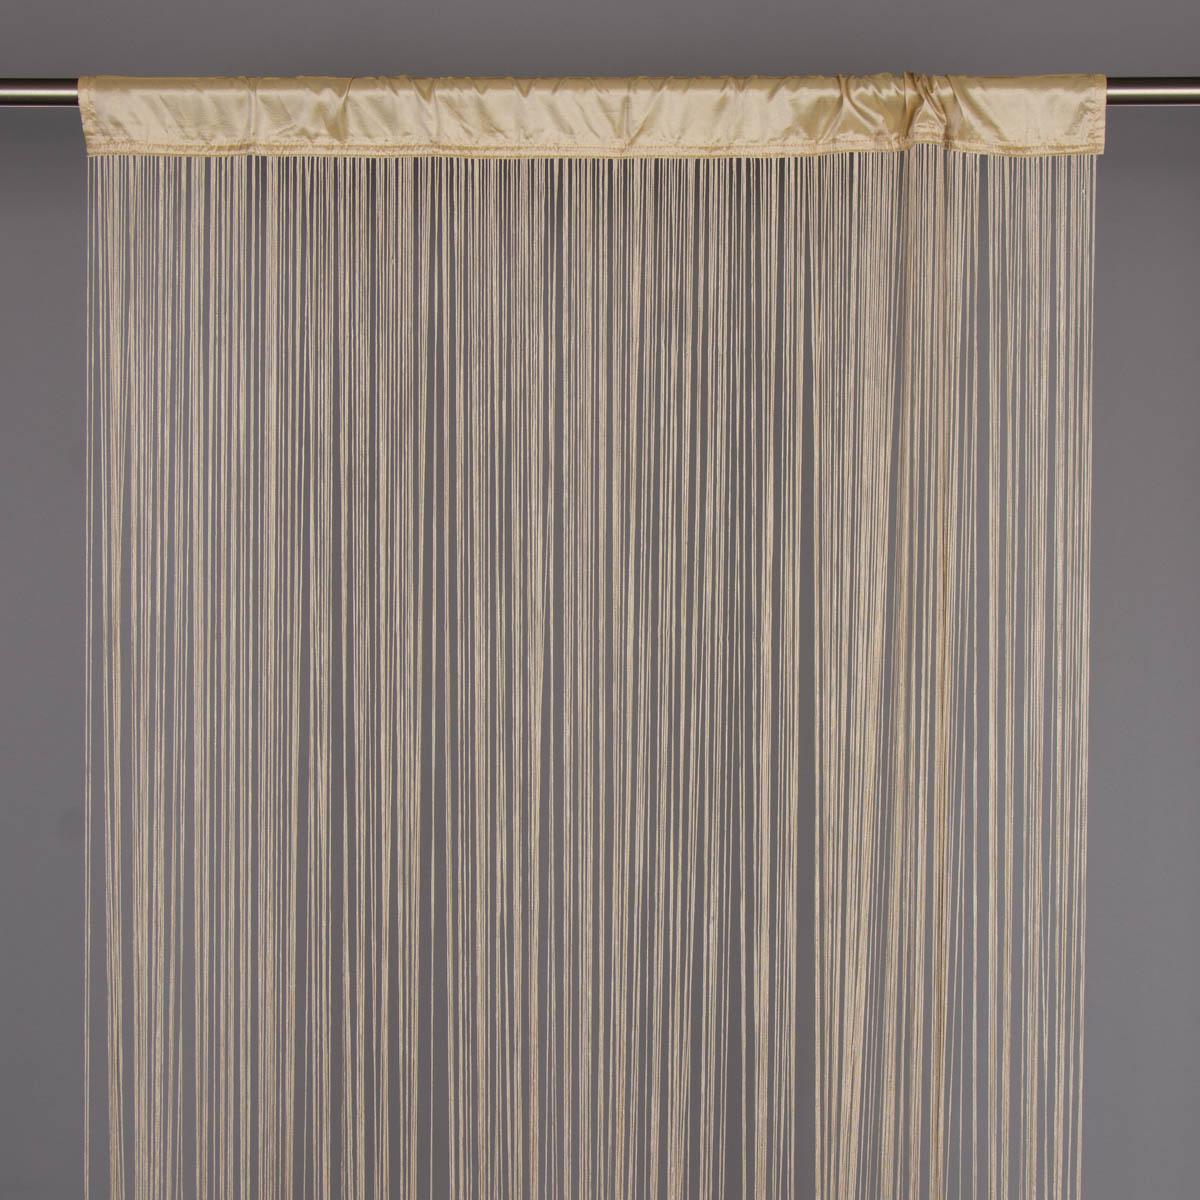 Fadenvorhang Fadengardine 100x250cm Waterfall hellgold